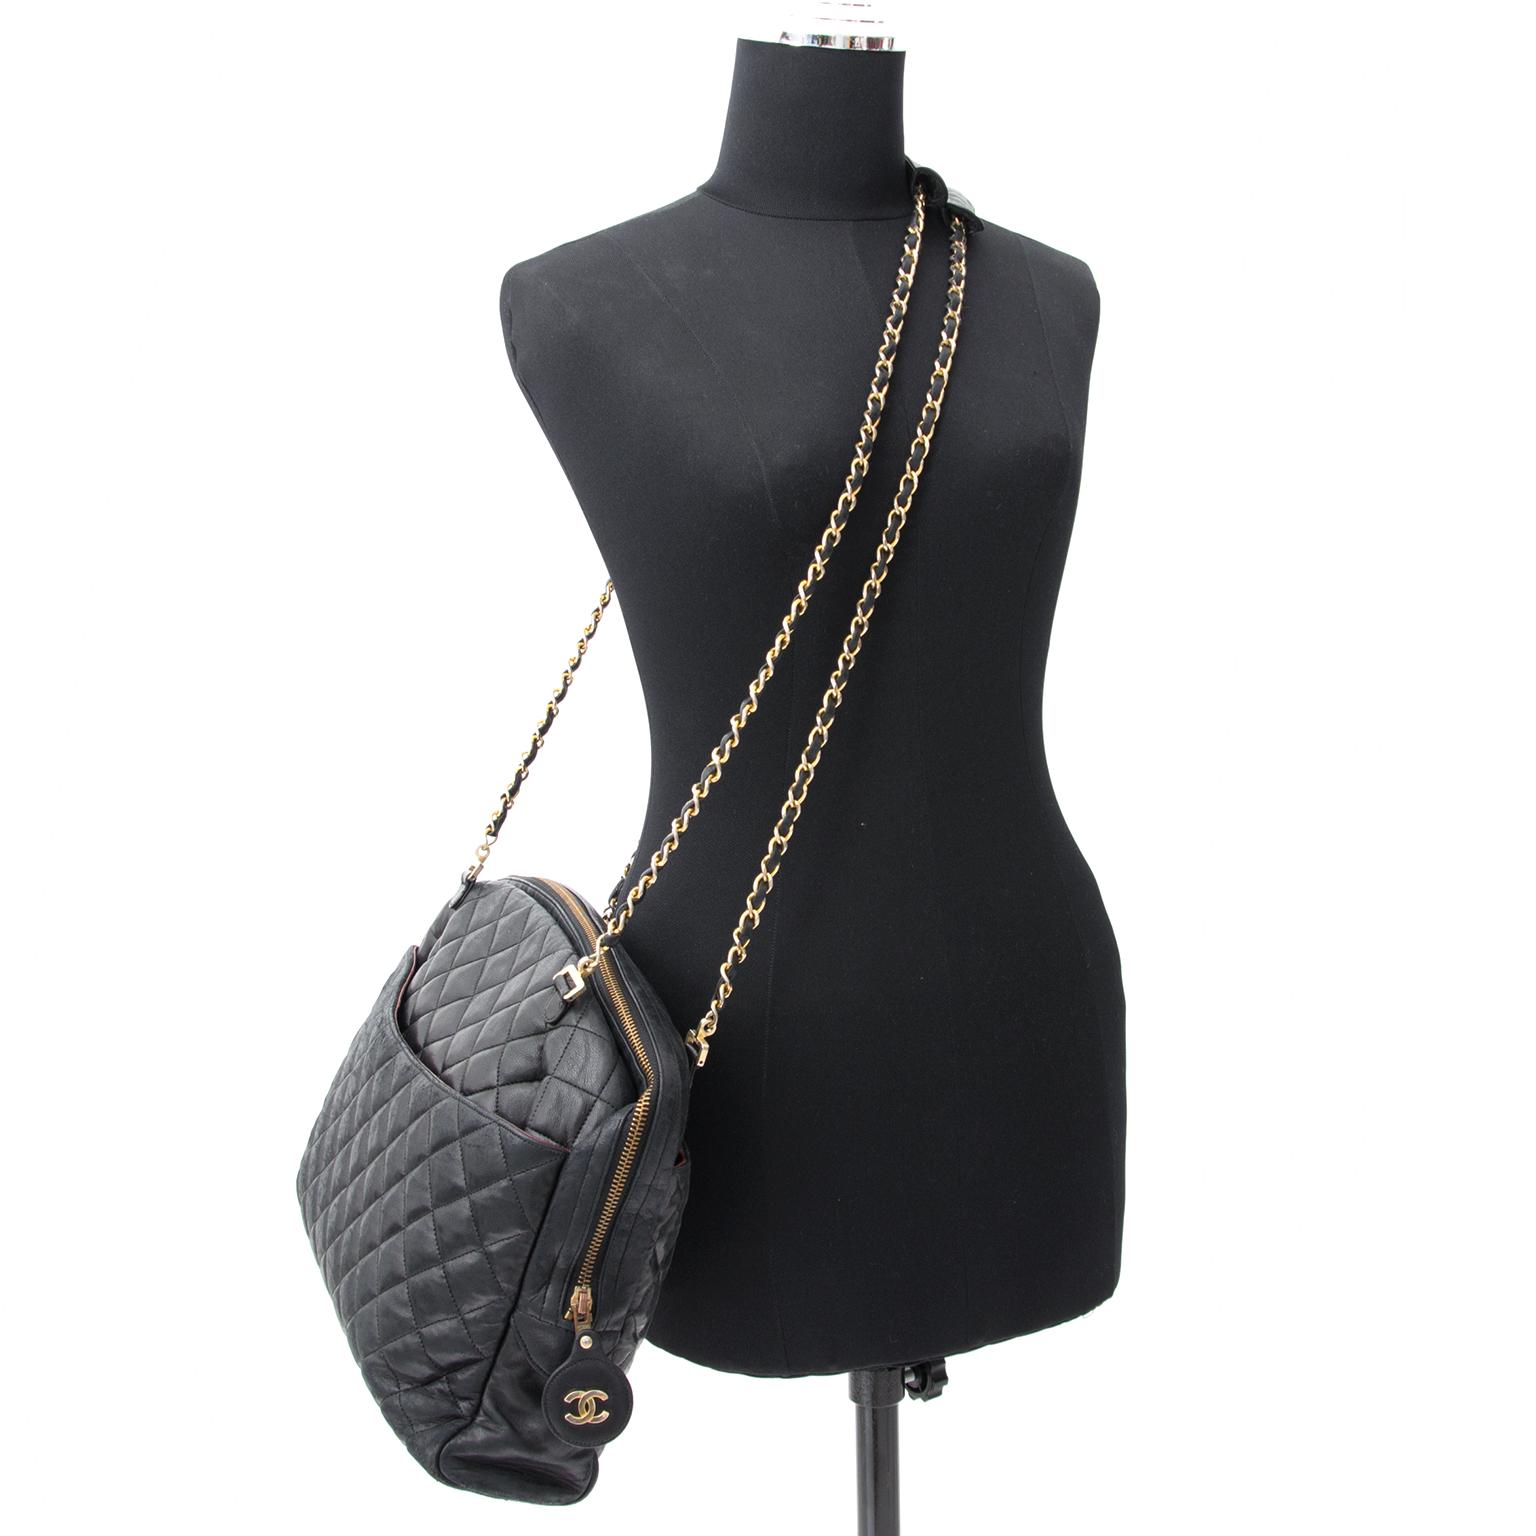 4947441ed3de buy safe online second hand designer Chanel Vintage Black Quilted Leather  Tote Bag koop veilig online tweedehands Chanel Vintage Black Quilted  Leather Tote ...